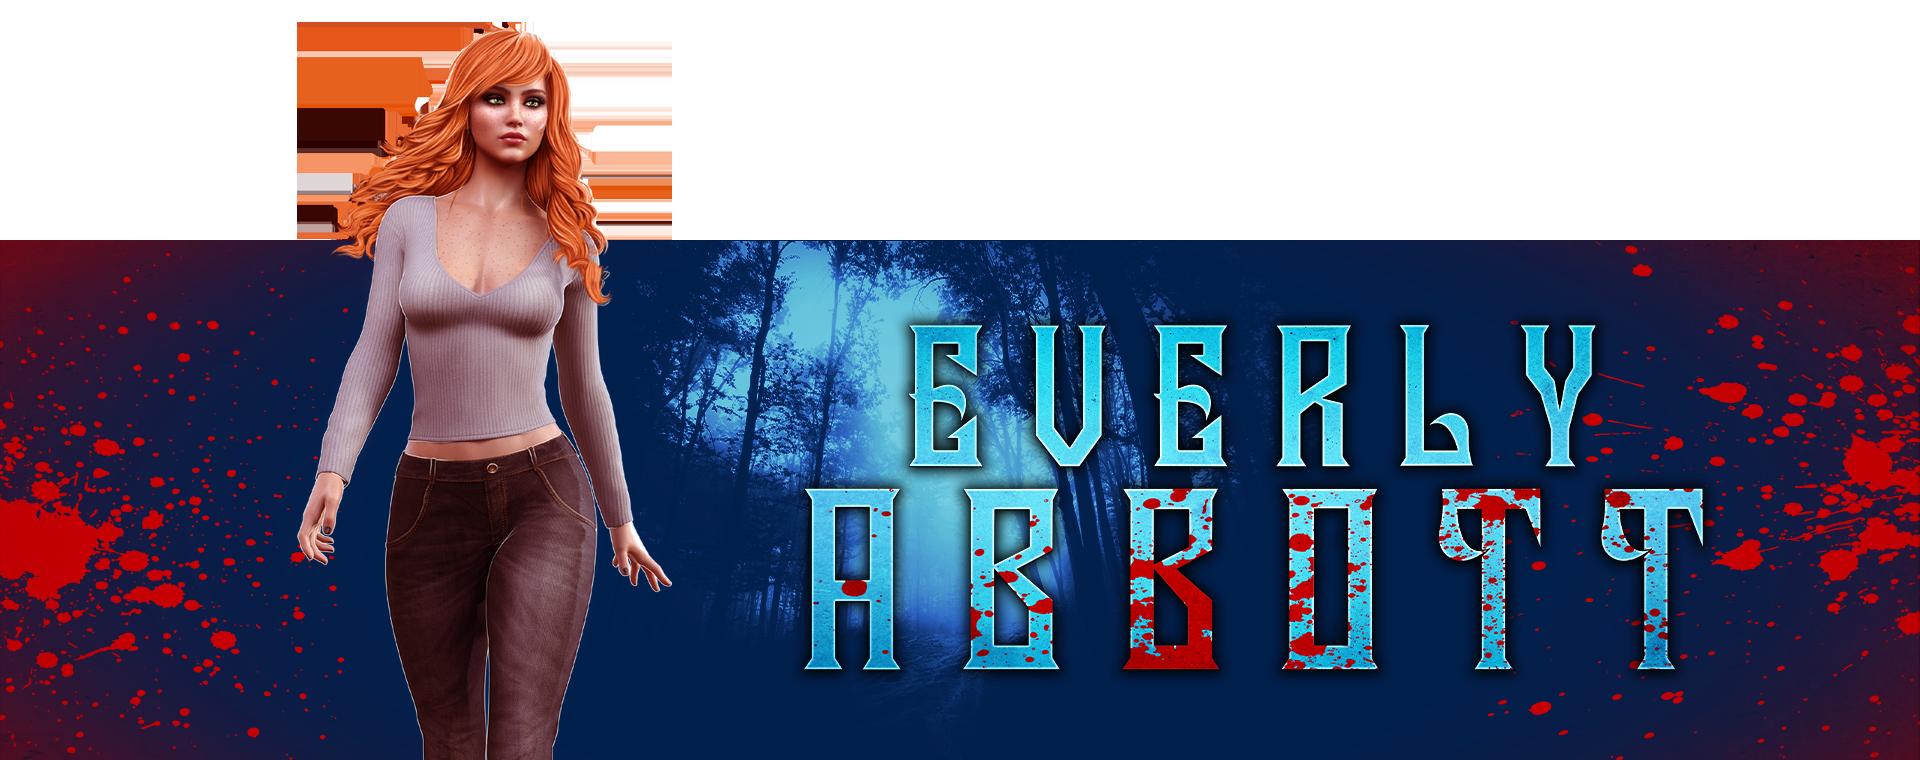 EverlyAbbott_Series_2021_C